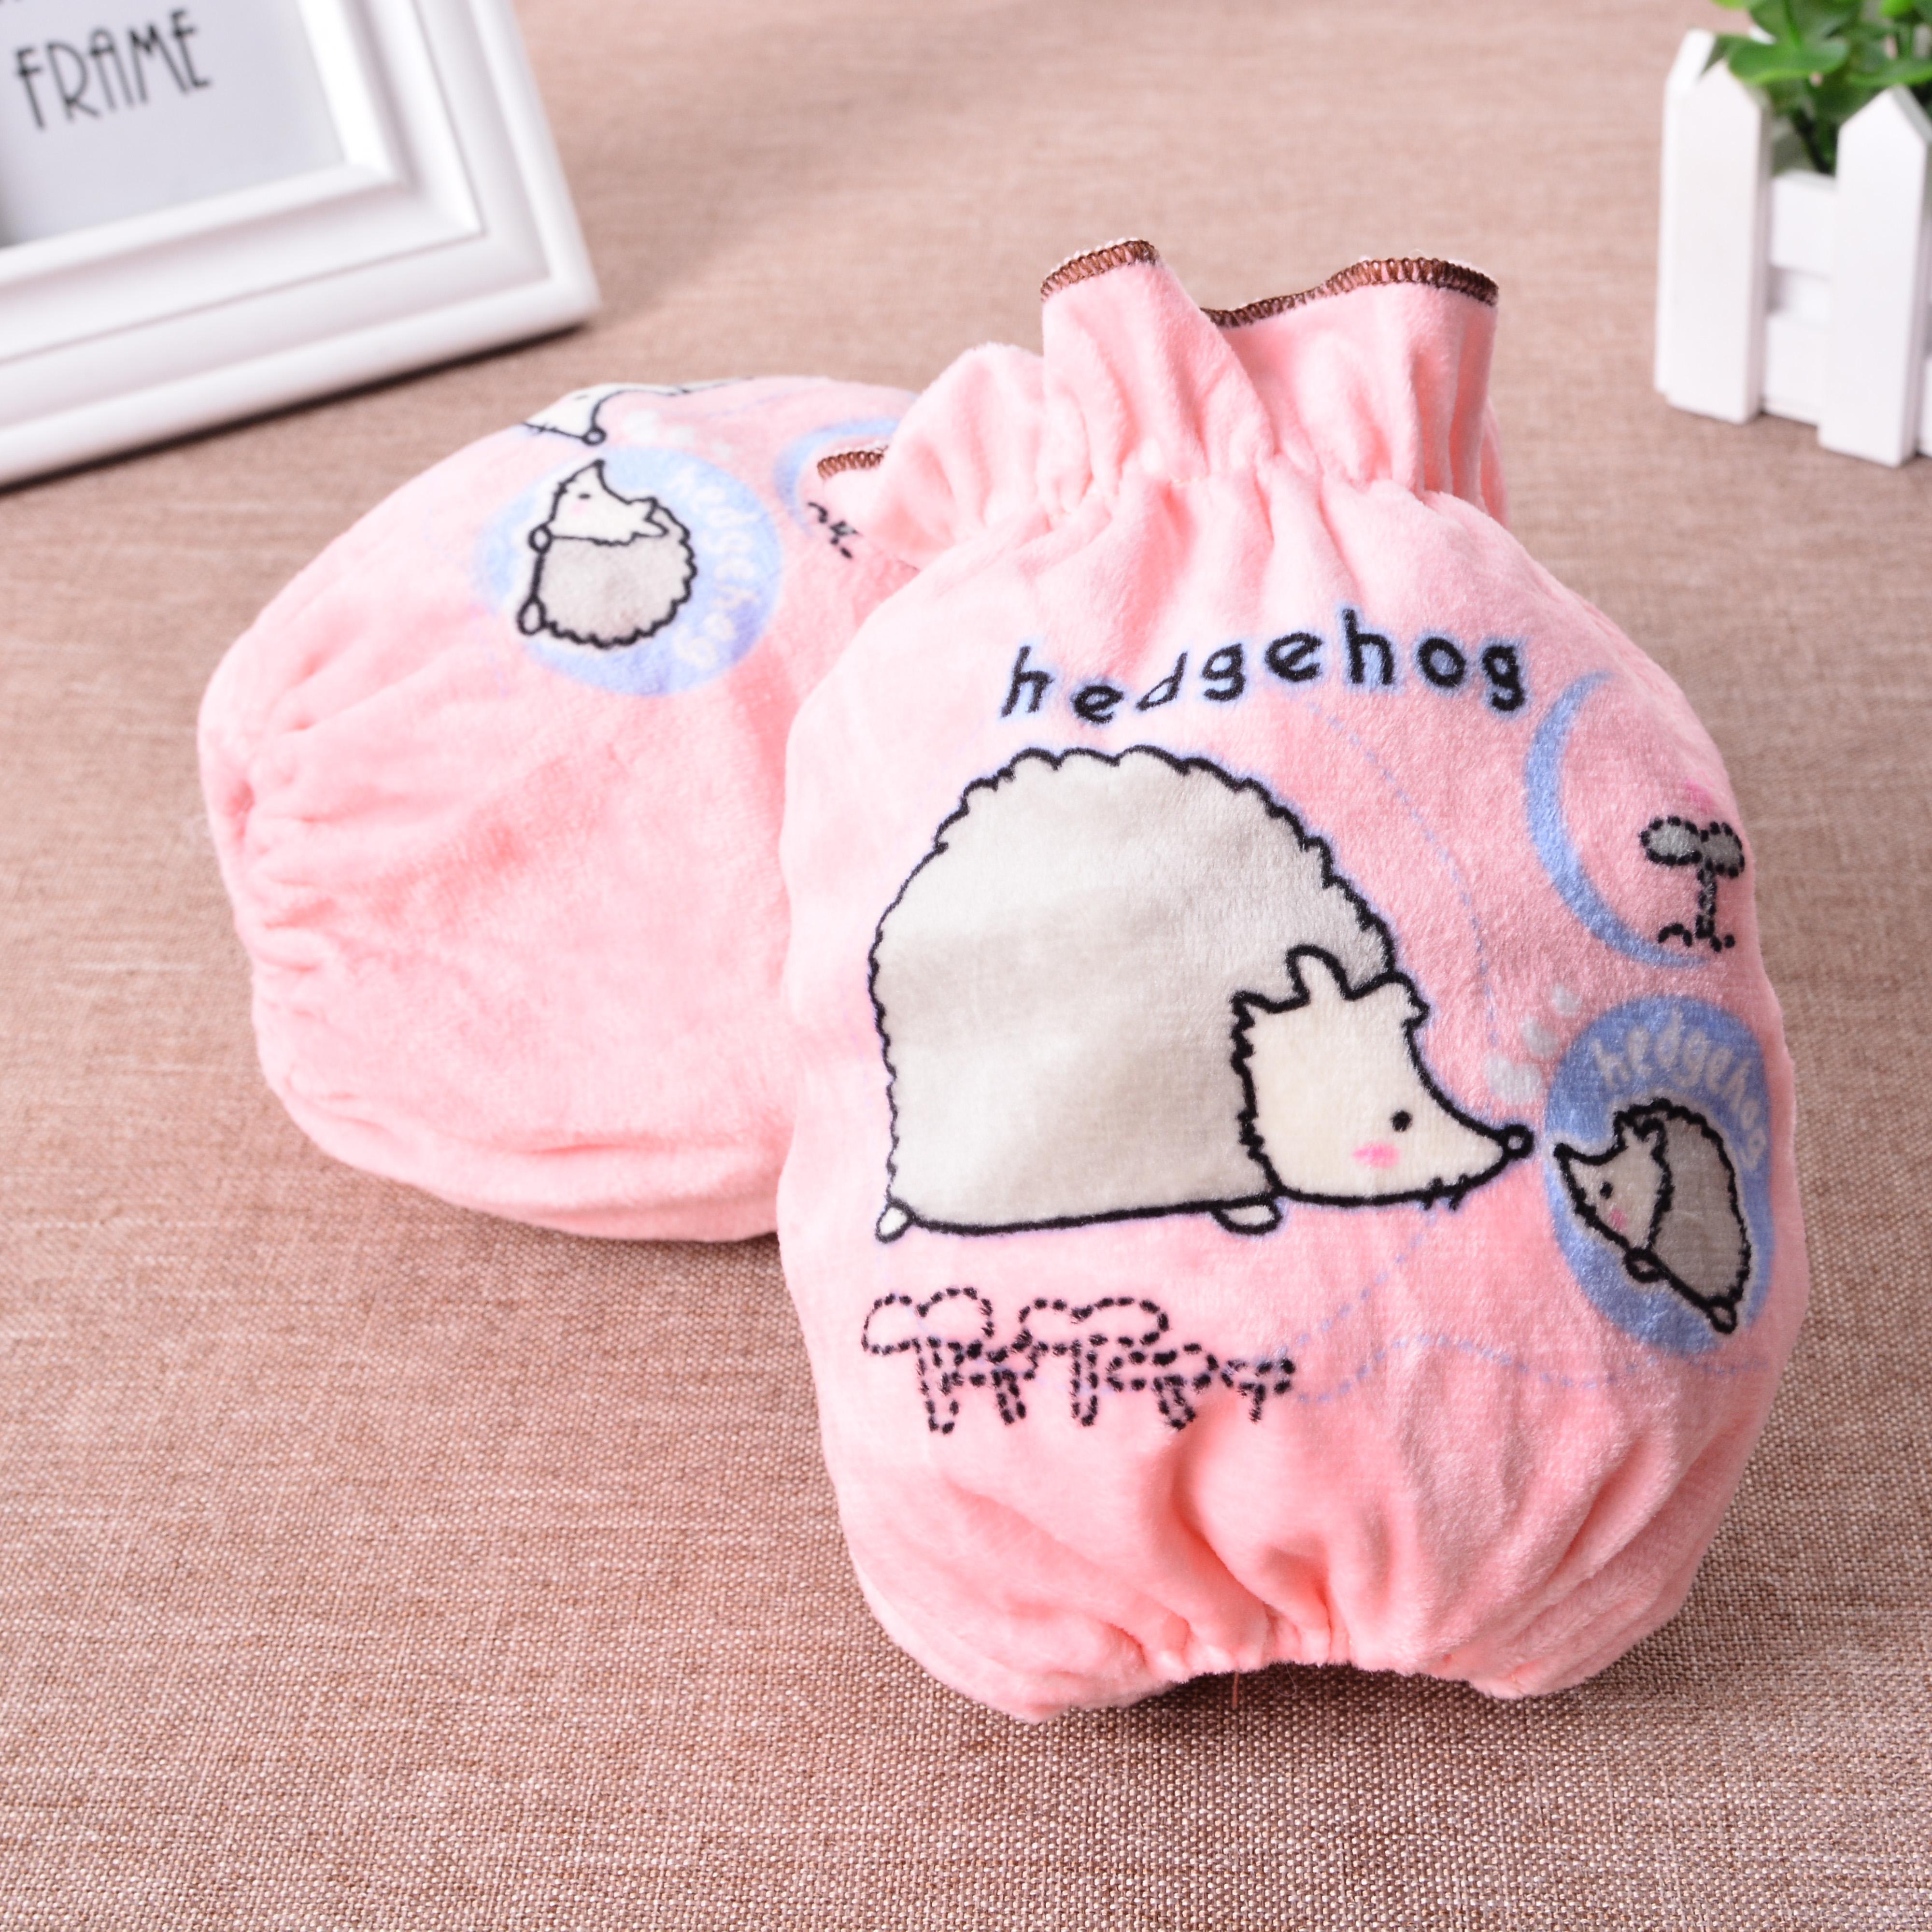 新款 韩版儿童可爱卡通毛绒袖套女士防污护袖办公袖套